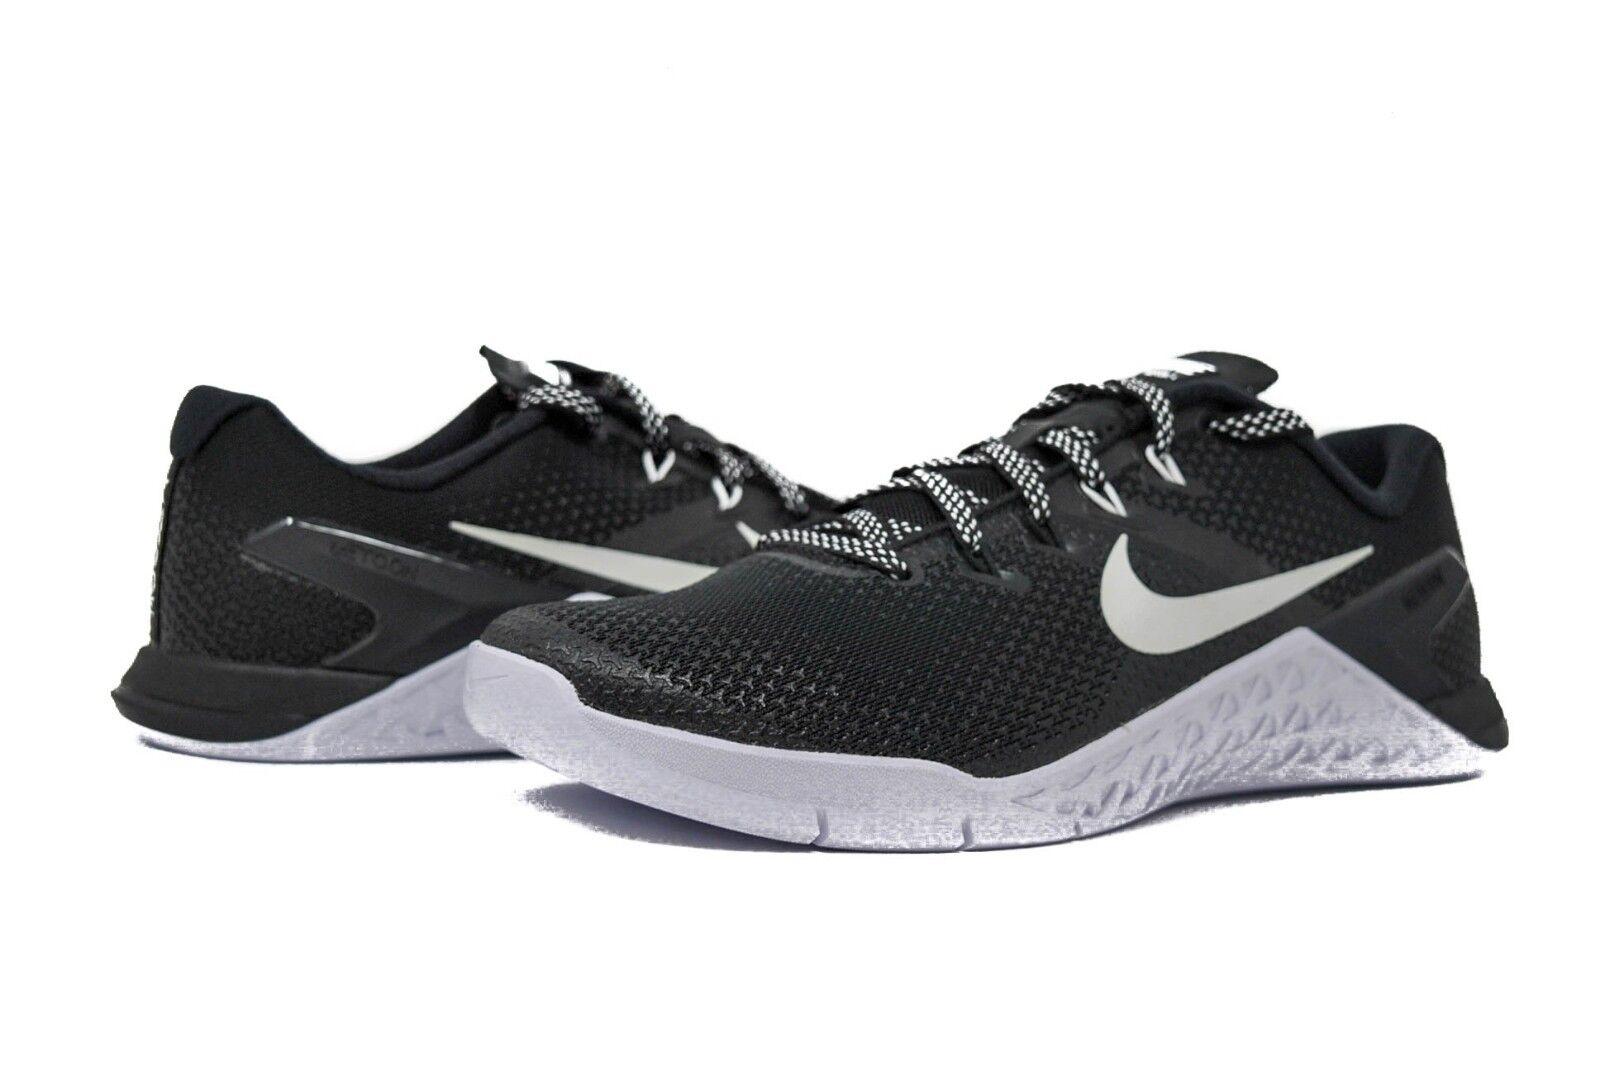 Nike metcon 4 ah7453-003 uomini in nero, bianco o nero sz gli 8 e i 13 nuovi